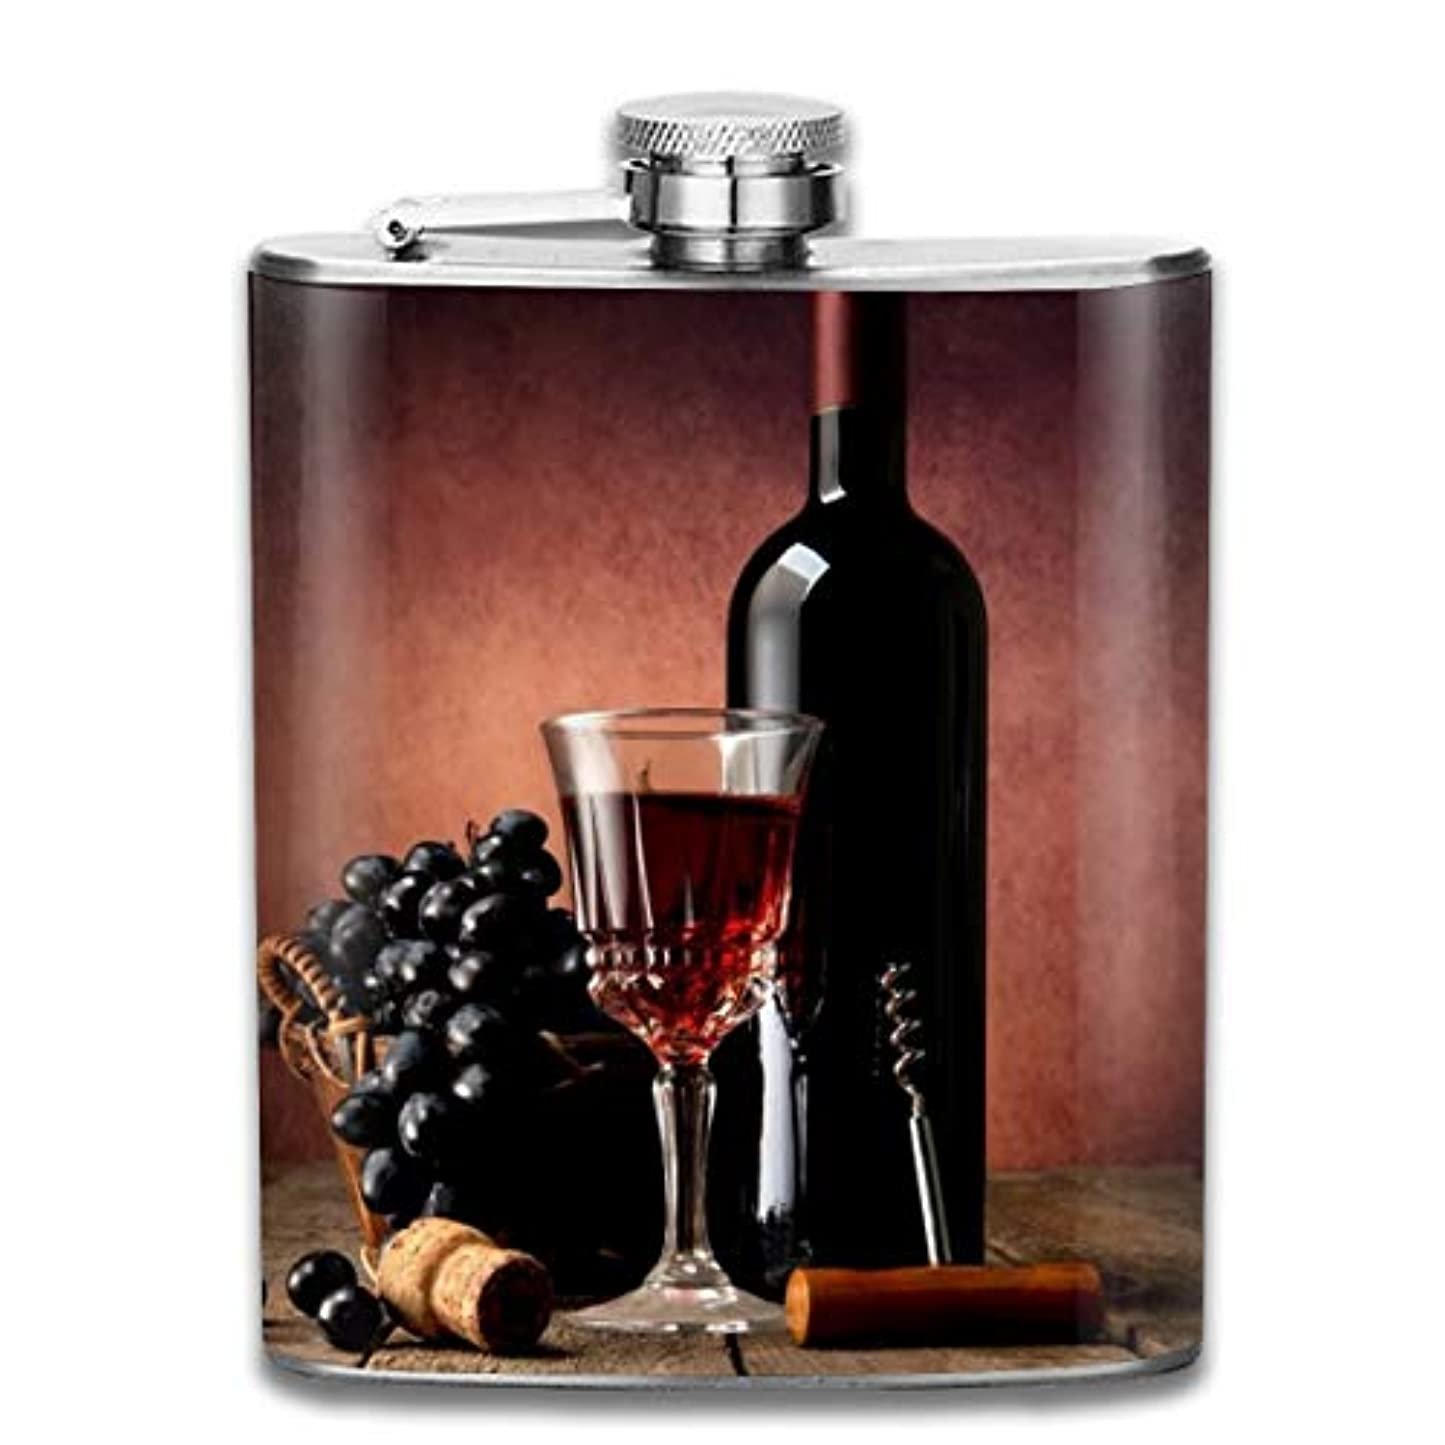 堀省高いブルームン 酒器 酒瓶 お酒 フラスコ 赤ワイン ぶどう ボトル 携帯用 フラゴン ワインポット 7oz 200ml ステンレス製 メンズ U型